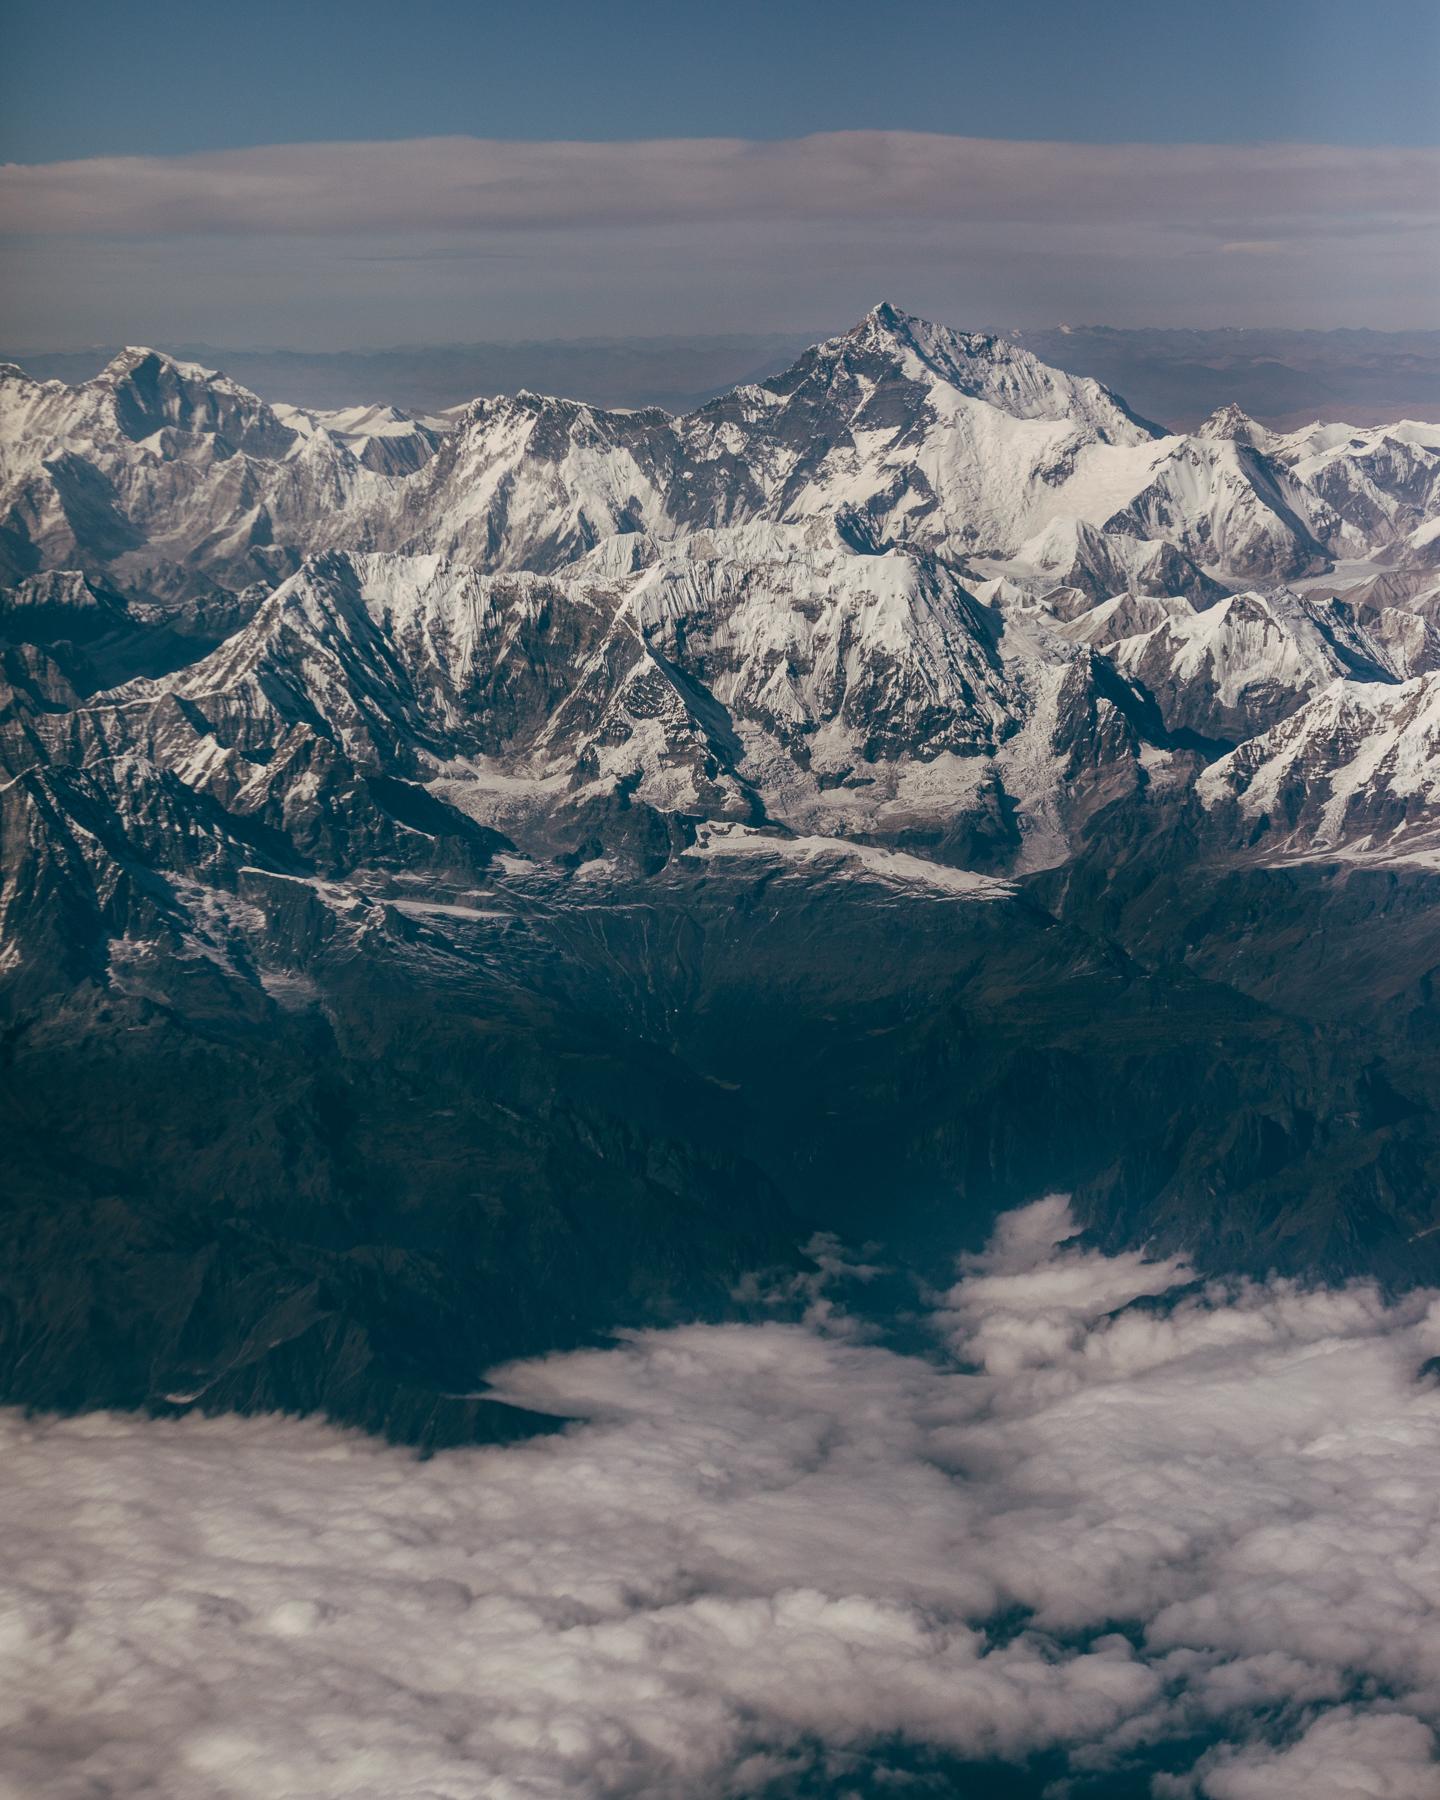 MelissaFindley-Bhutan-blog-01.jpg